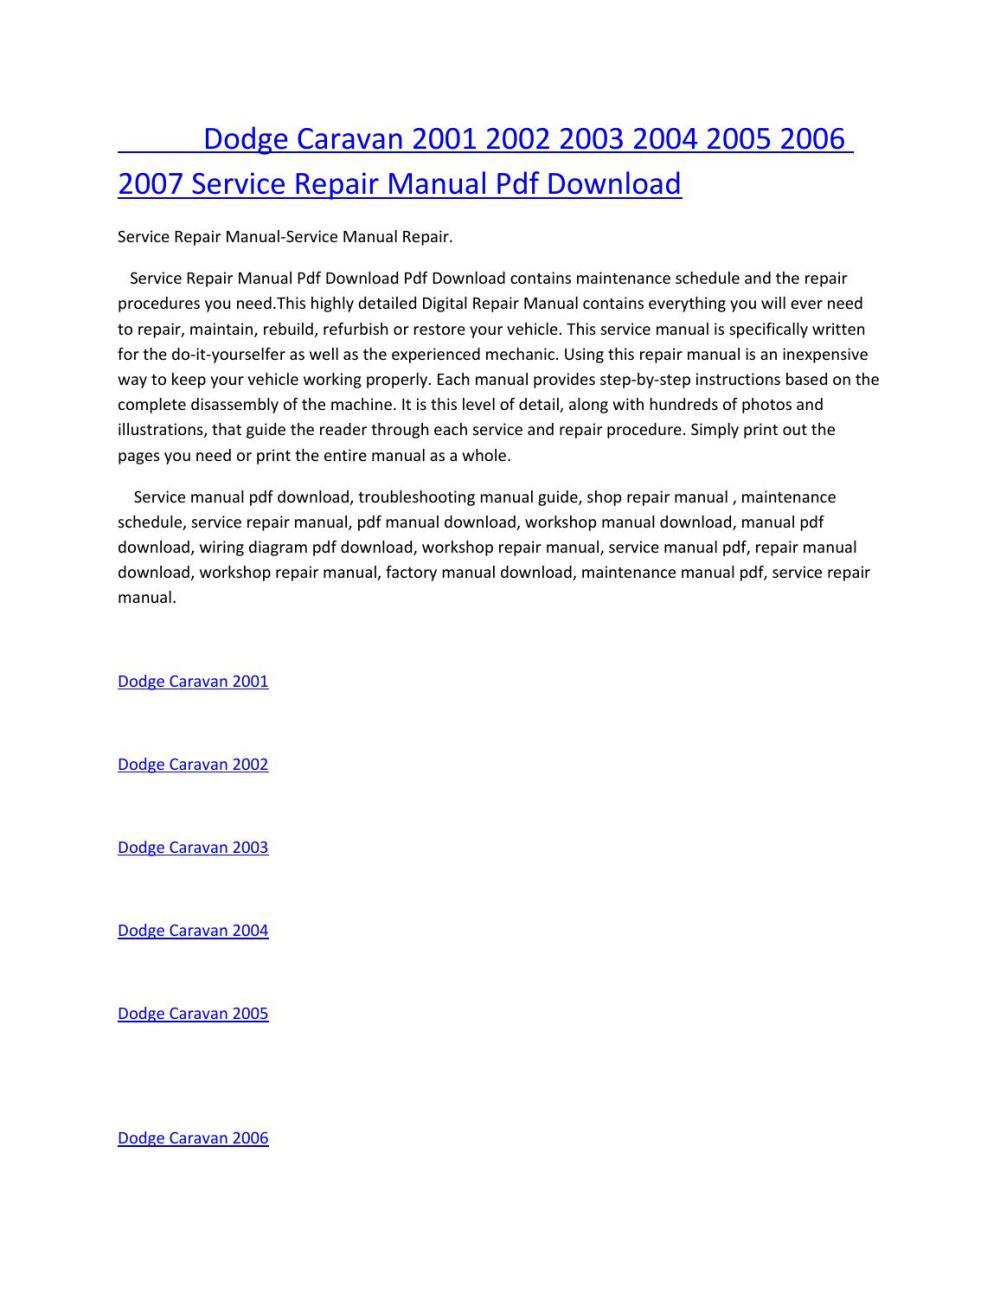 medium resolution of dodge caravan 2001 2002 2003 2004 2005 2006 2007 service manual repair pdf download